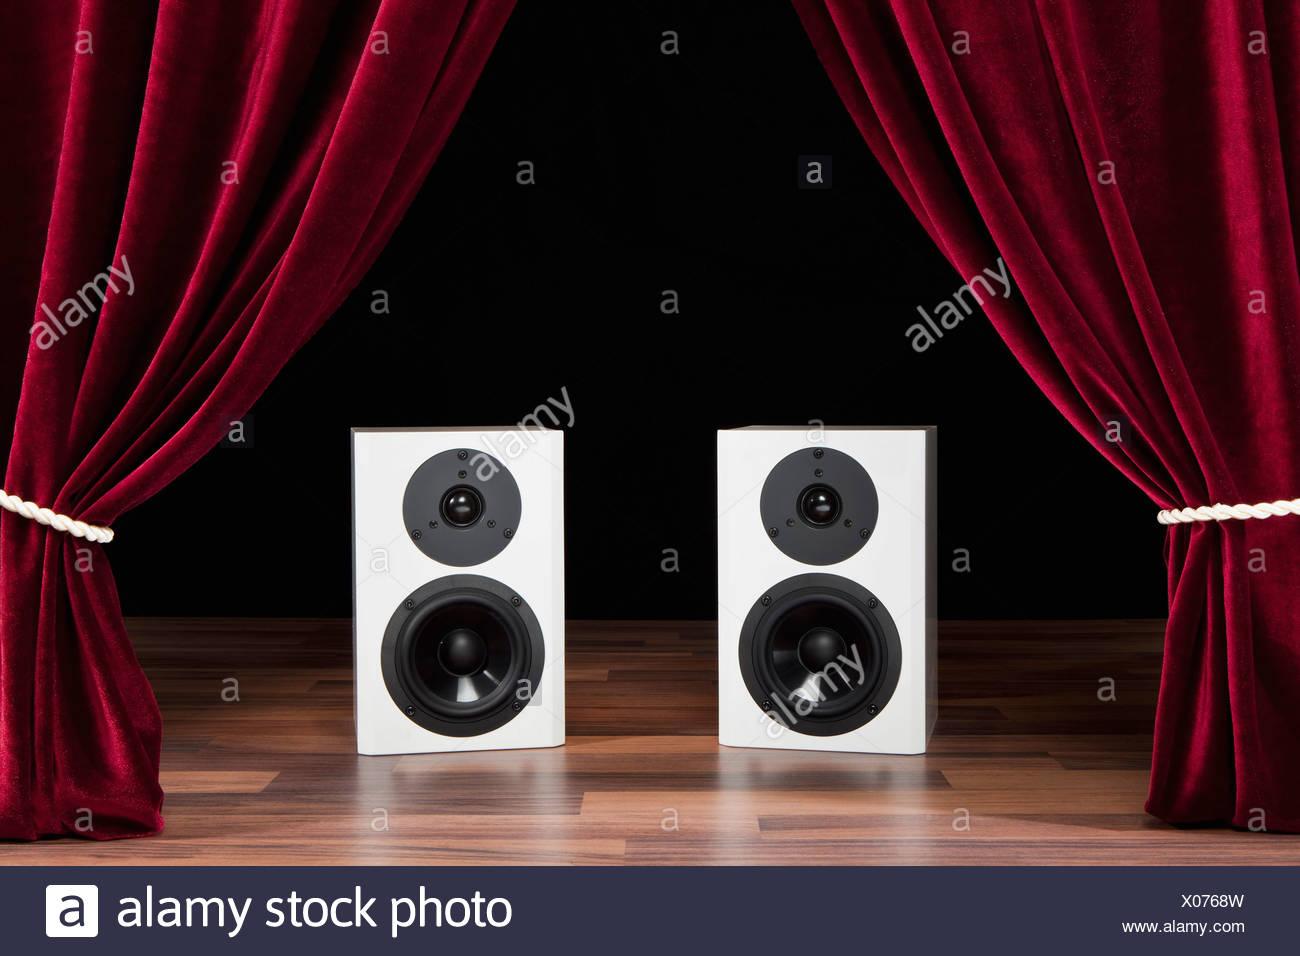 Deux haut-parleurs audio sur une scène de théâtre Banque D'Images